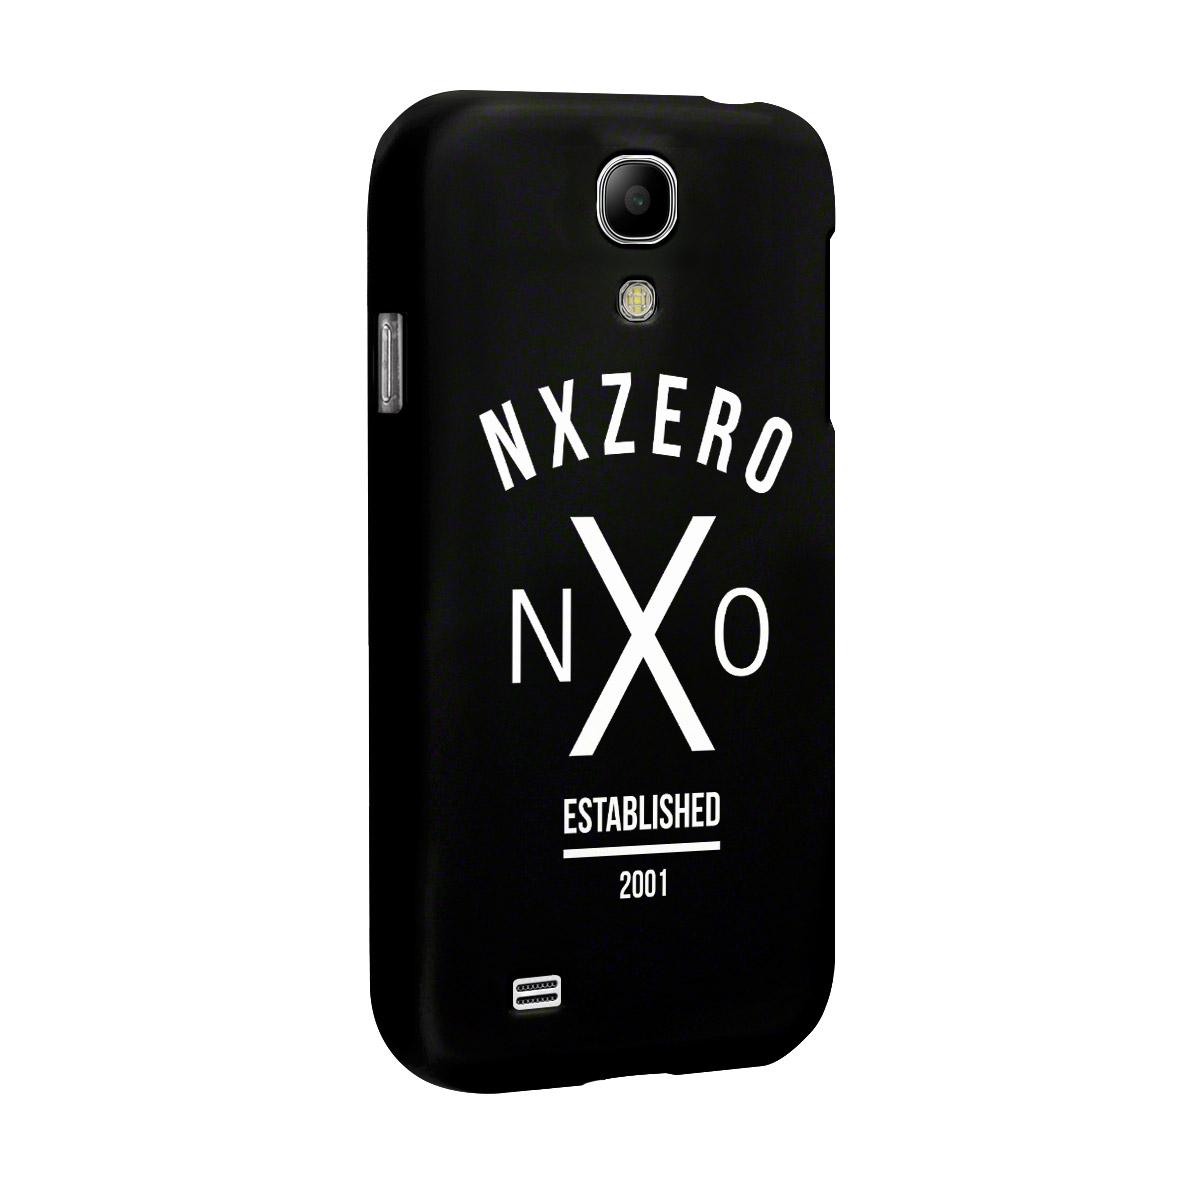 Capa de Celular Samsung Galaxy S4 NXZero NX0